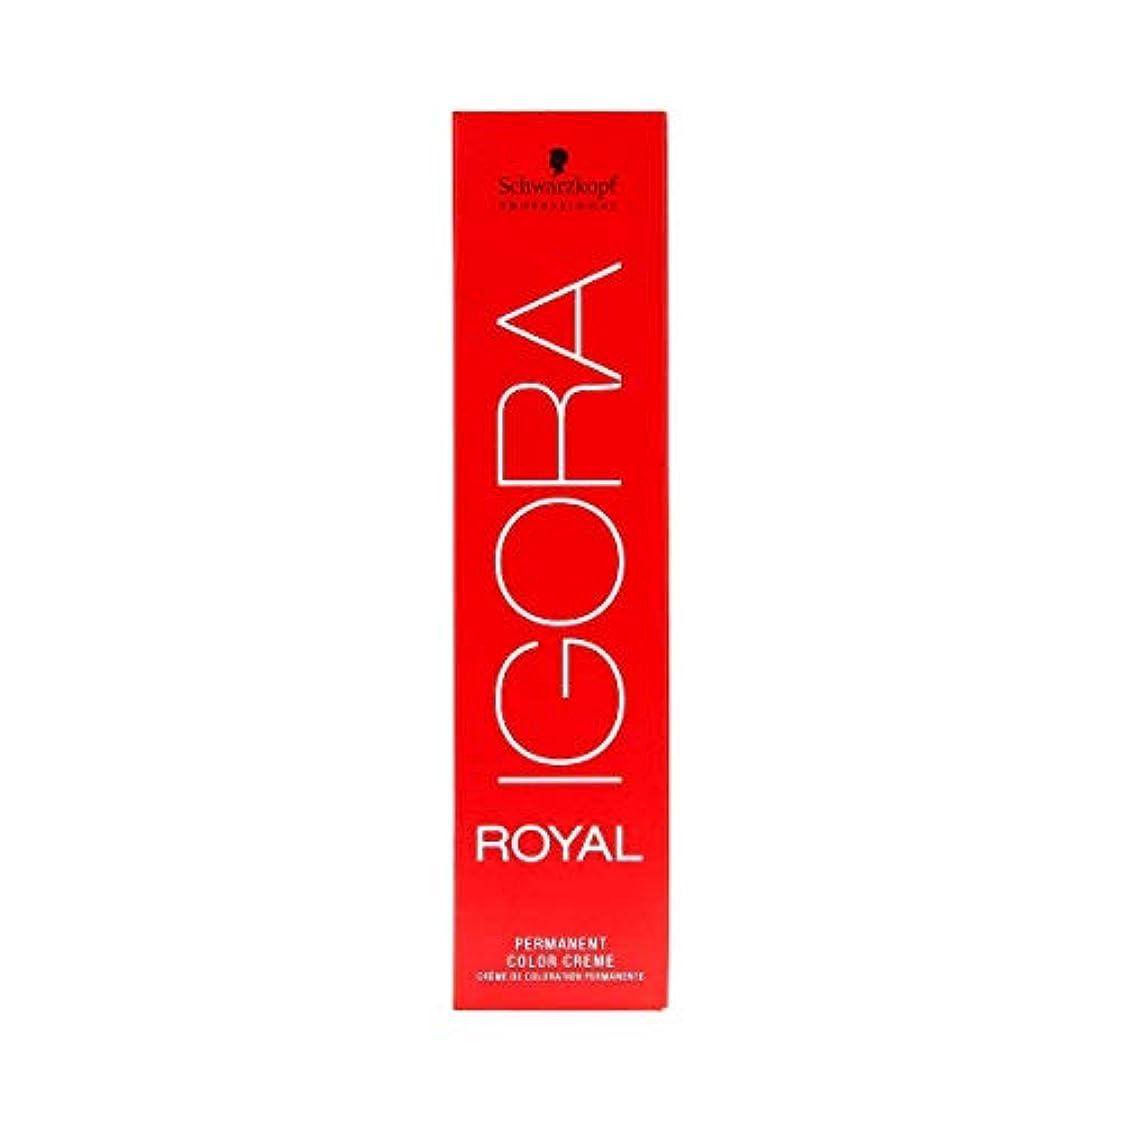 買い手取得溶融シュワルツコフ IGORA ロイヤル4-5パーマネントカラークリーム60ml[海外直送品] [並行輸入品]